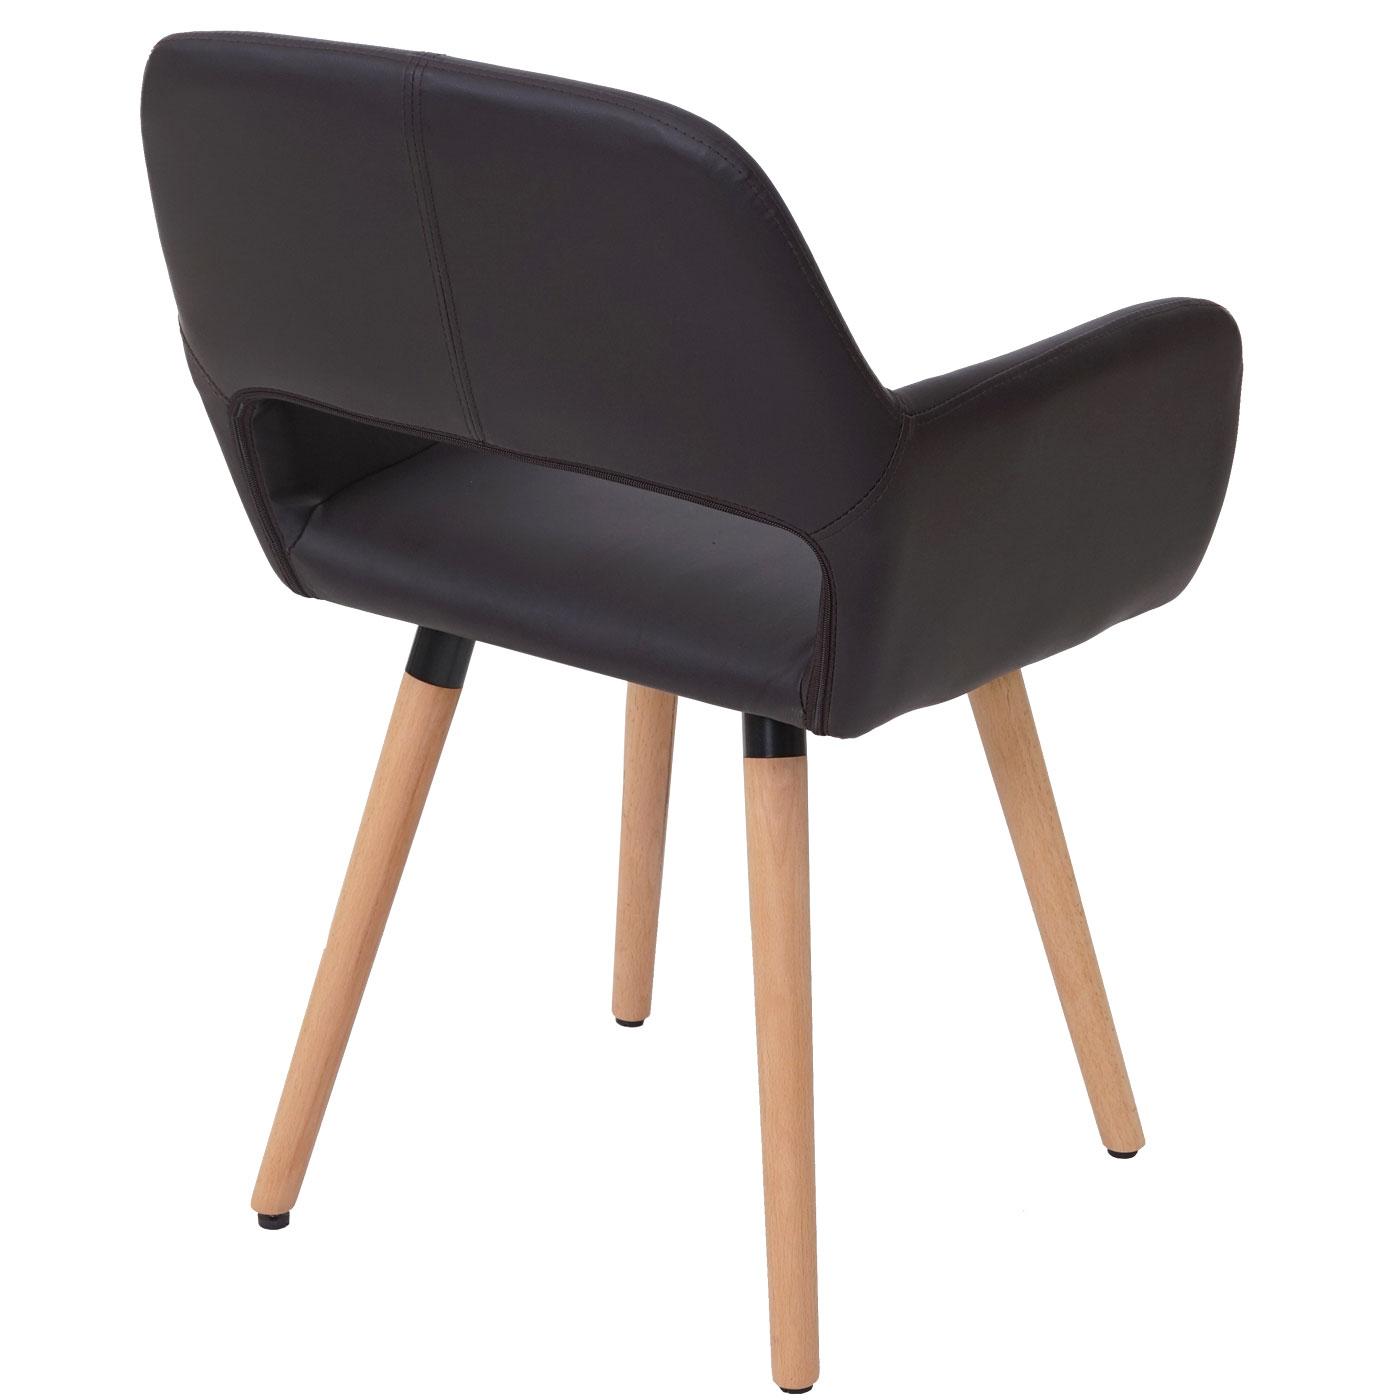 esszimmerstuhl hwc a50 ii stuhl lehnstuhl retro 50er jahre design kunstleder braun. Black Bedroom Furniture Sets. Home Design Ideas